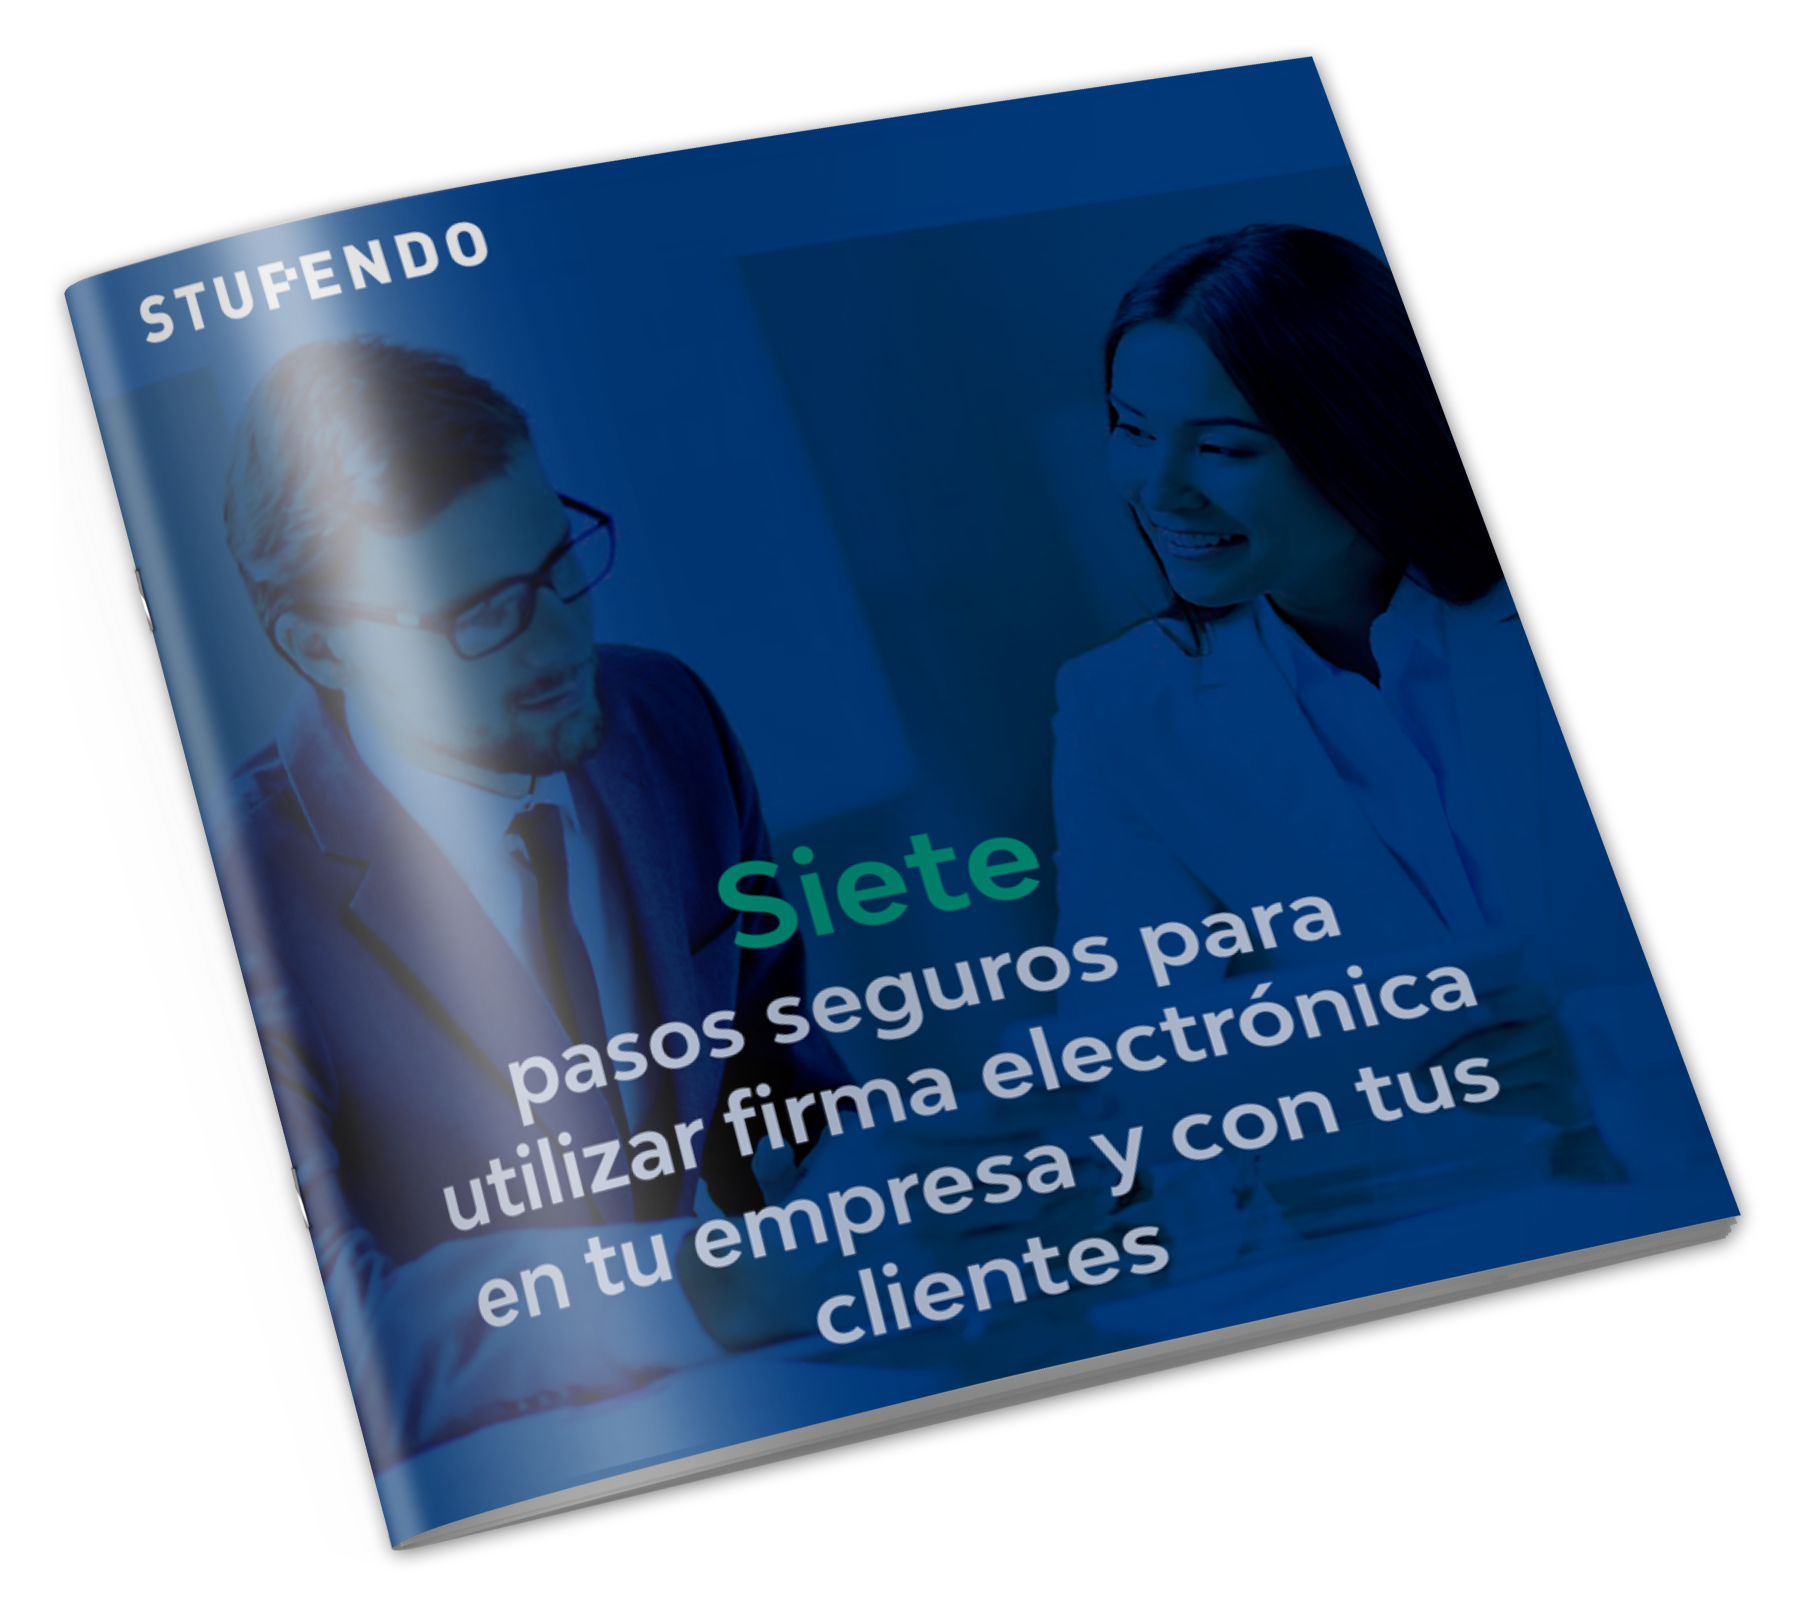 Pasos para utilizar firma electronica en tu empresa de forma segura en Ecuador